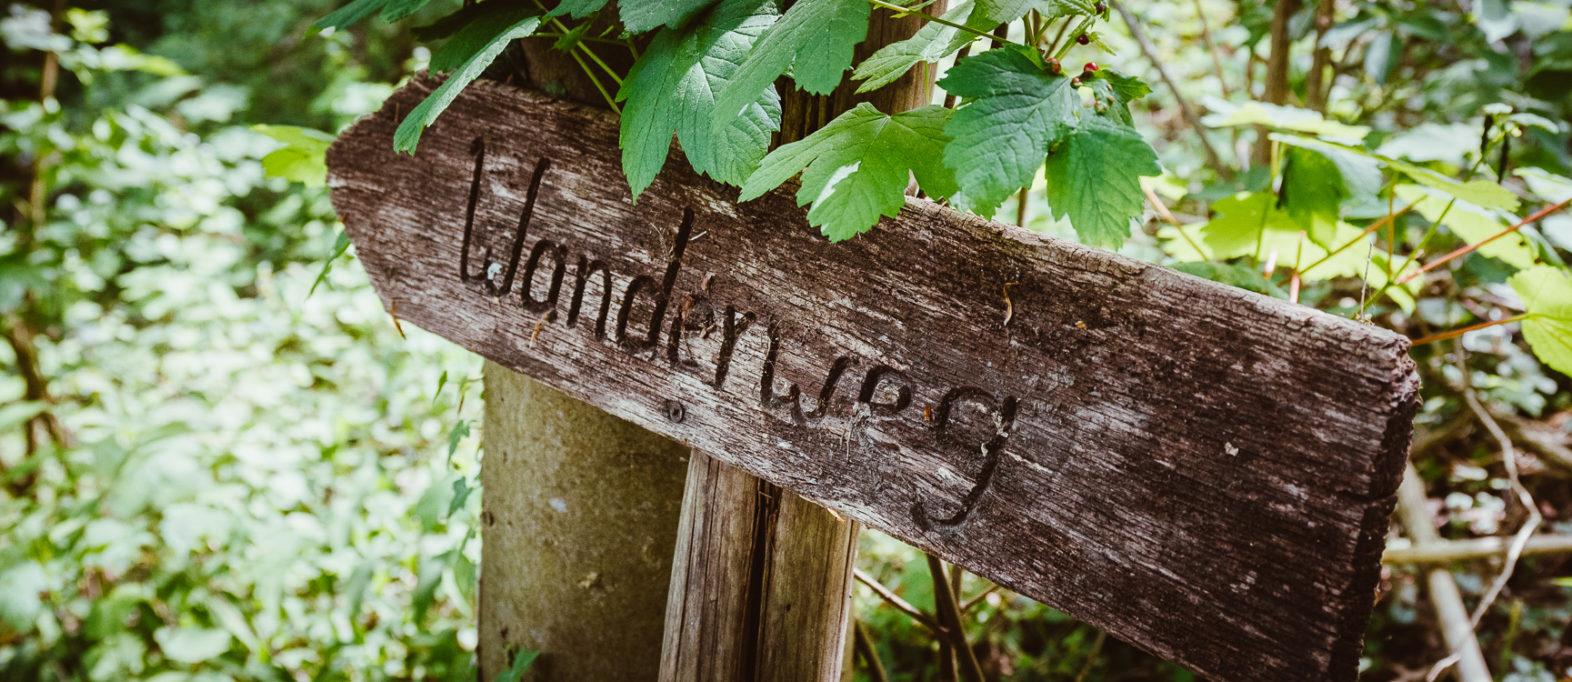 Mikroabenteuer: 21 Ideen für Abenteuer vor deiner Haustüre